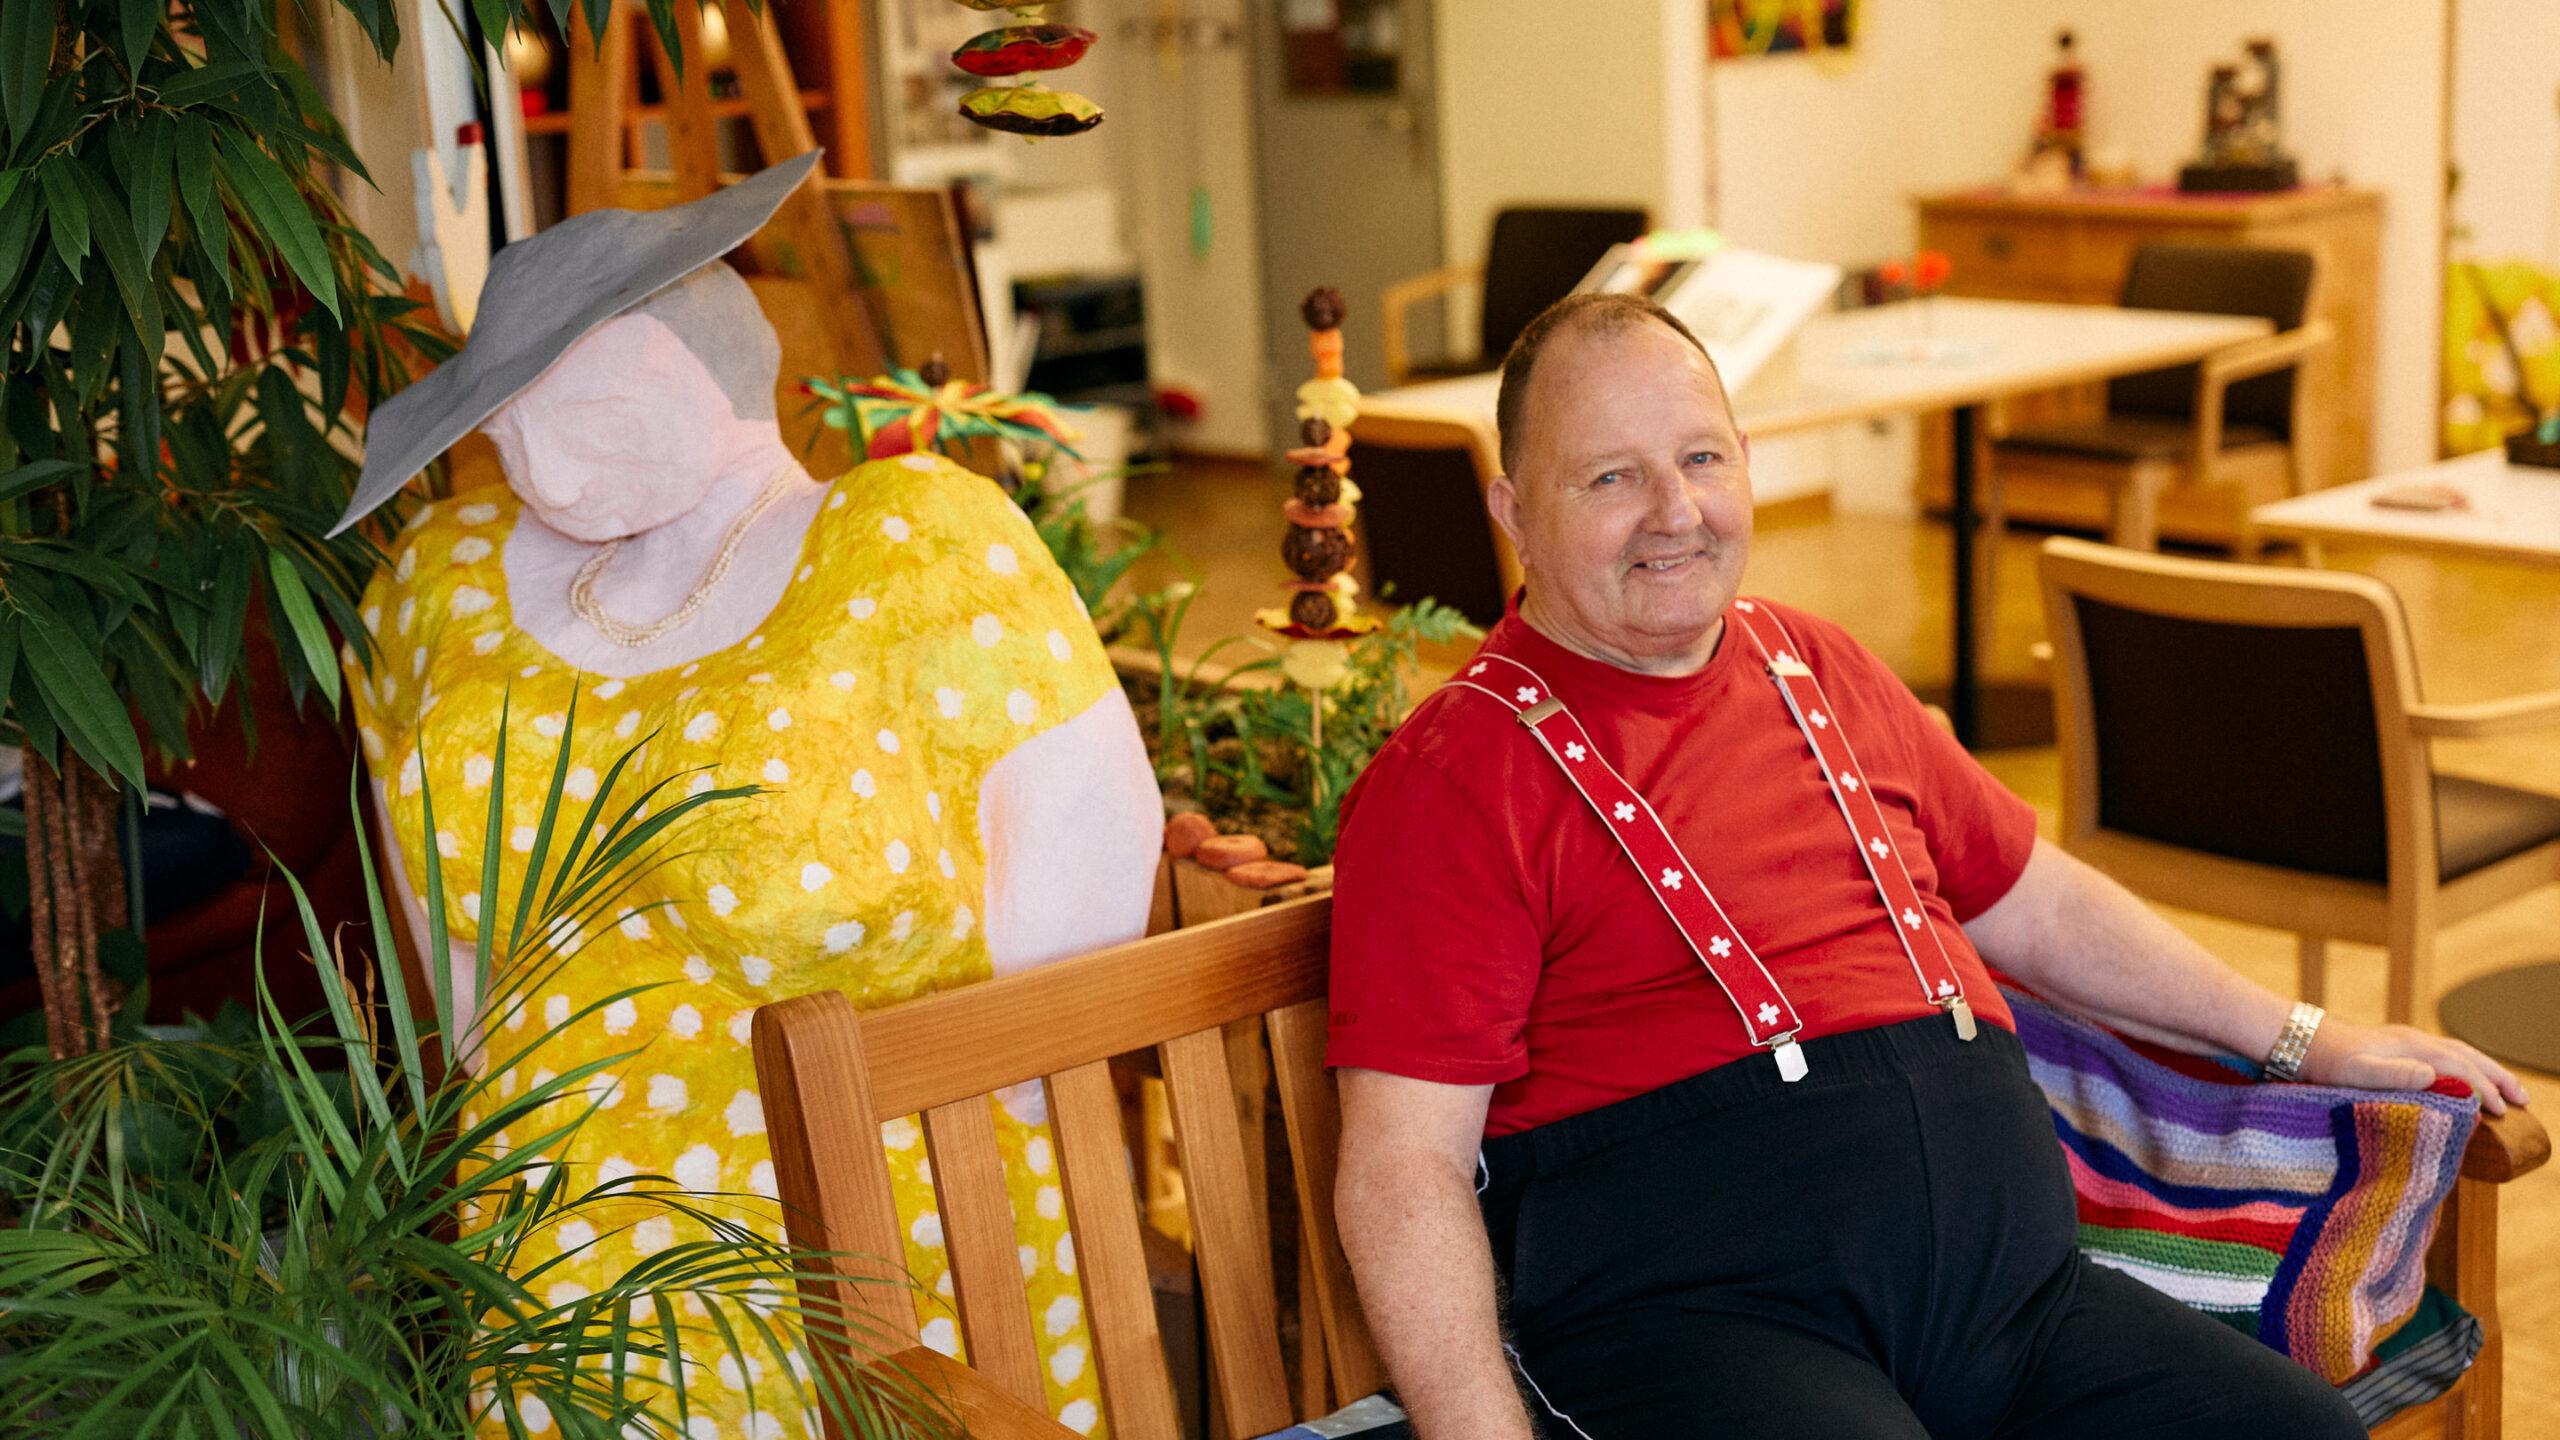 Bewohner der Martin Stiftung mit einer grossen Skulptur aus Pappmaché, einer Frau mit Hut und gelbem Kleid.